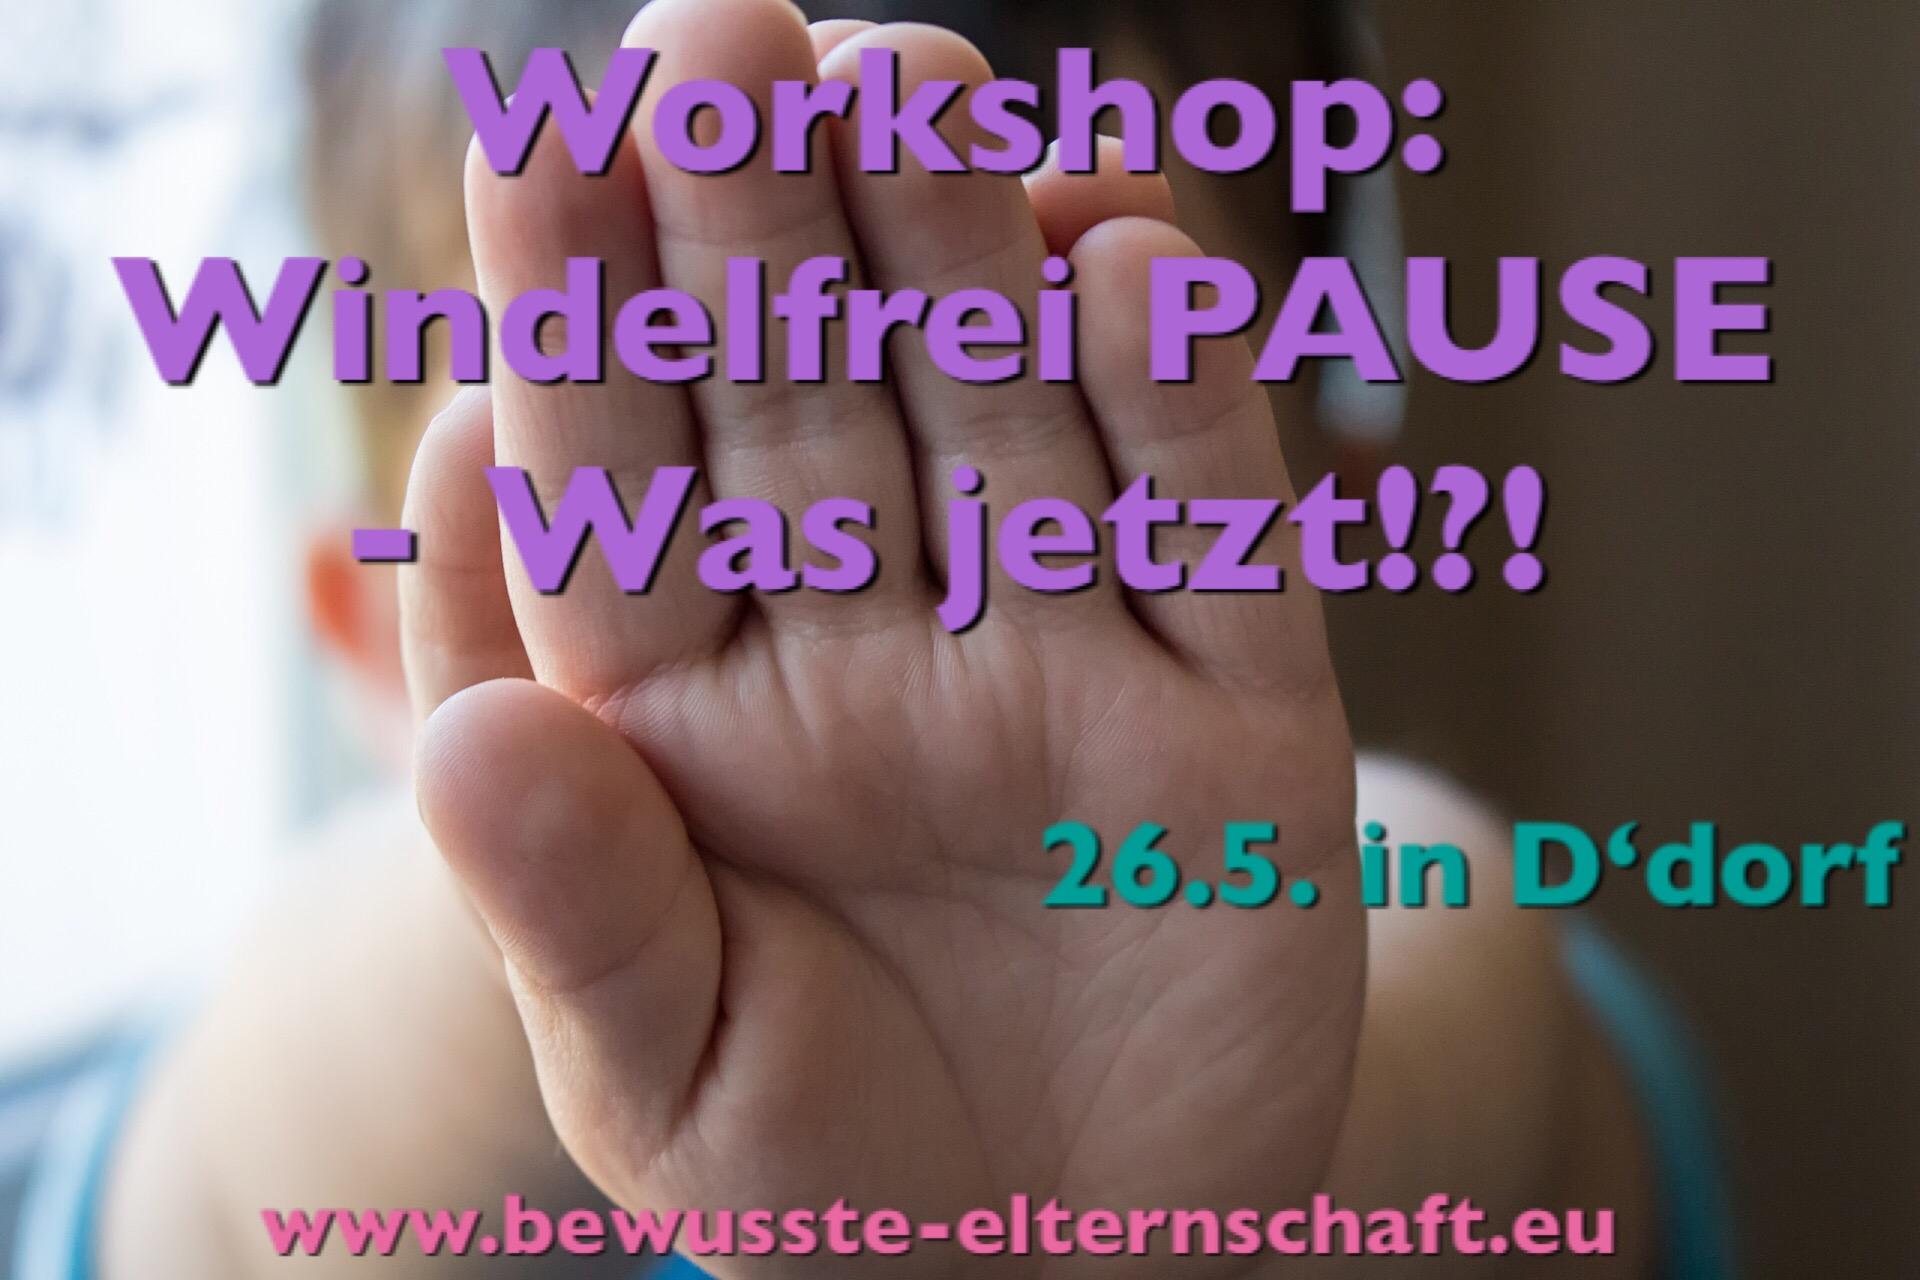 Windelfrei Workshop Windelfrei Pause